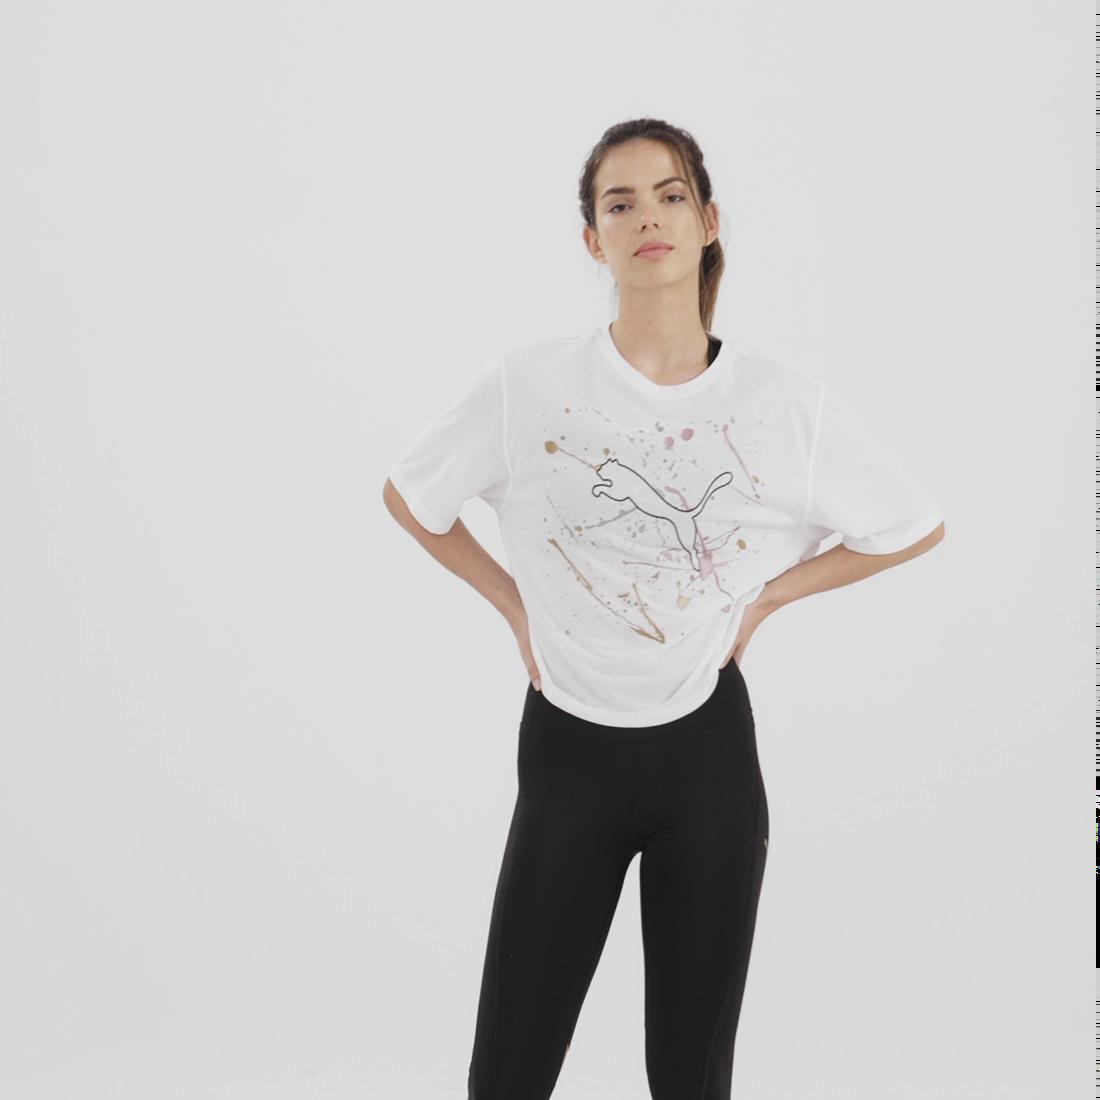 Image PUMA Camiseta Metal Splash Graphic Feminina #6